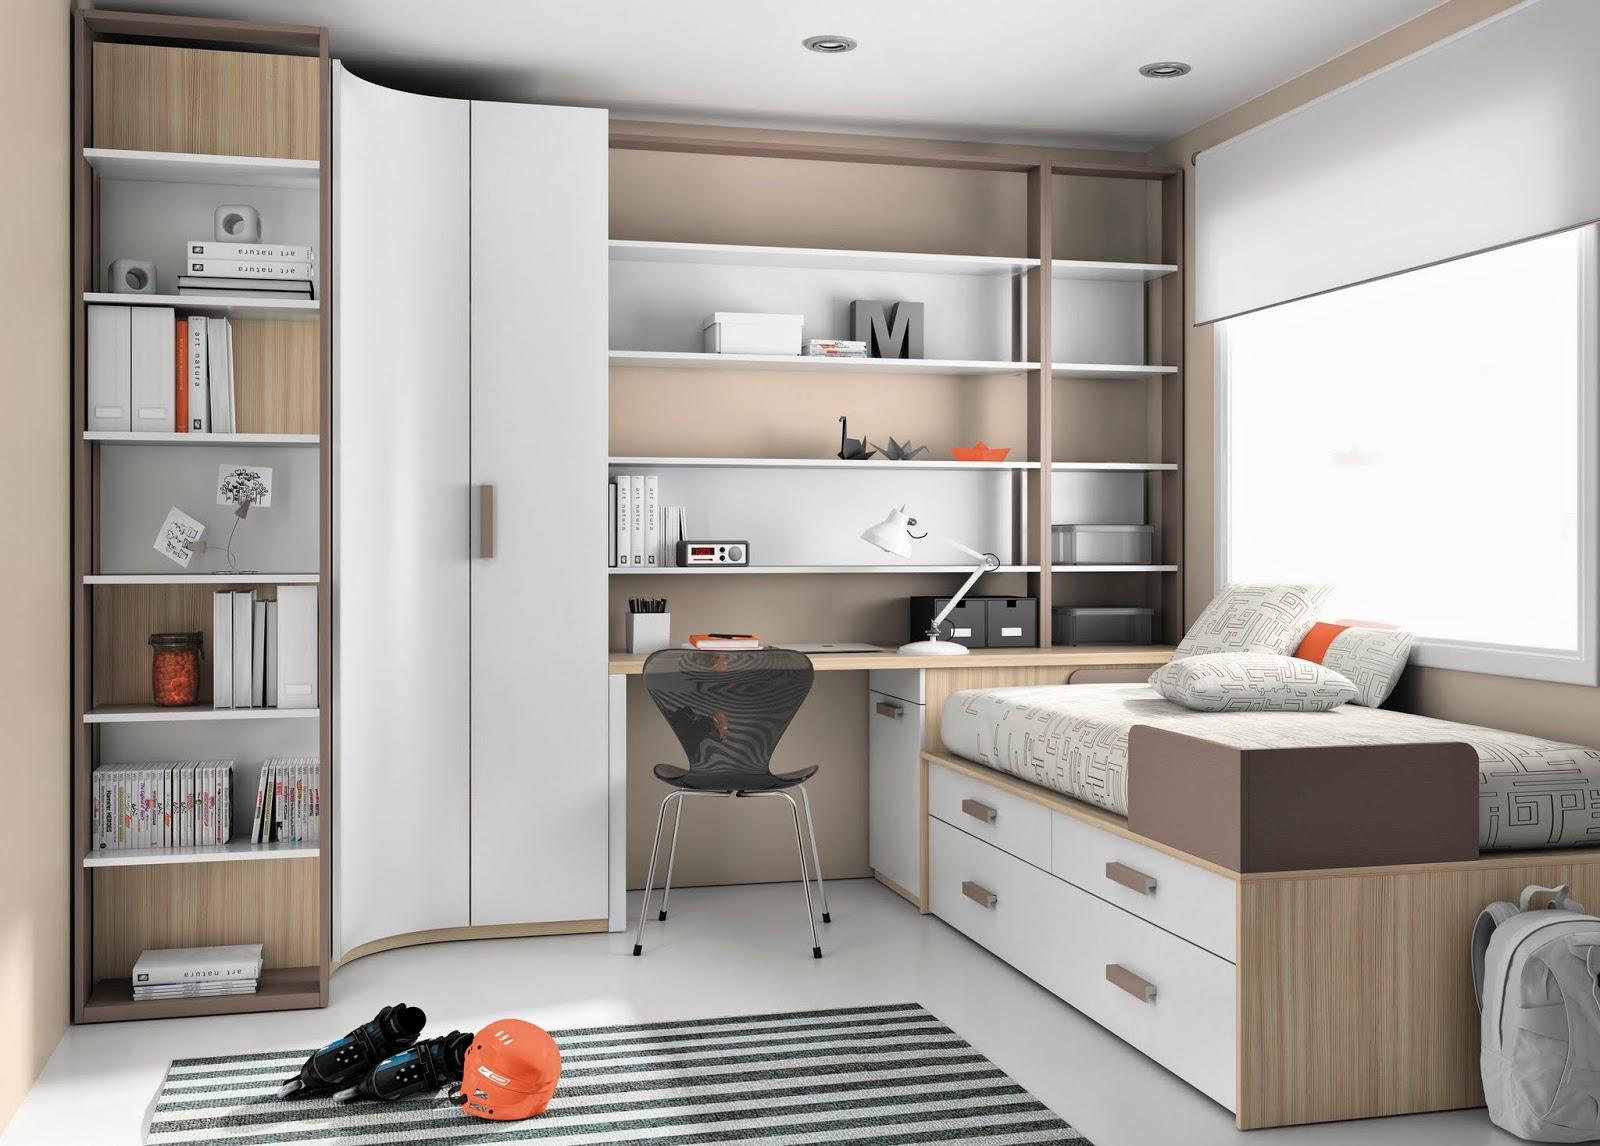 Quality Childrens Bedroom Furniture Student Desk Bedroom Furniture Ros